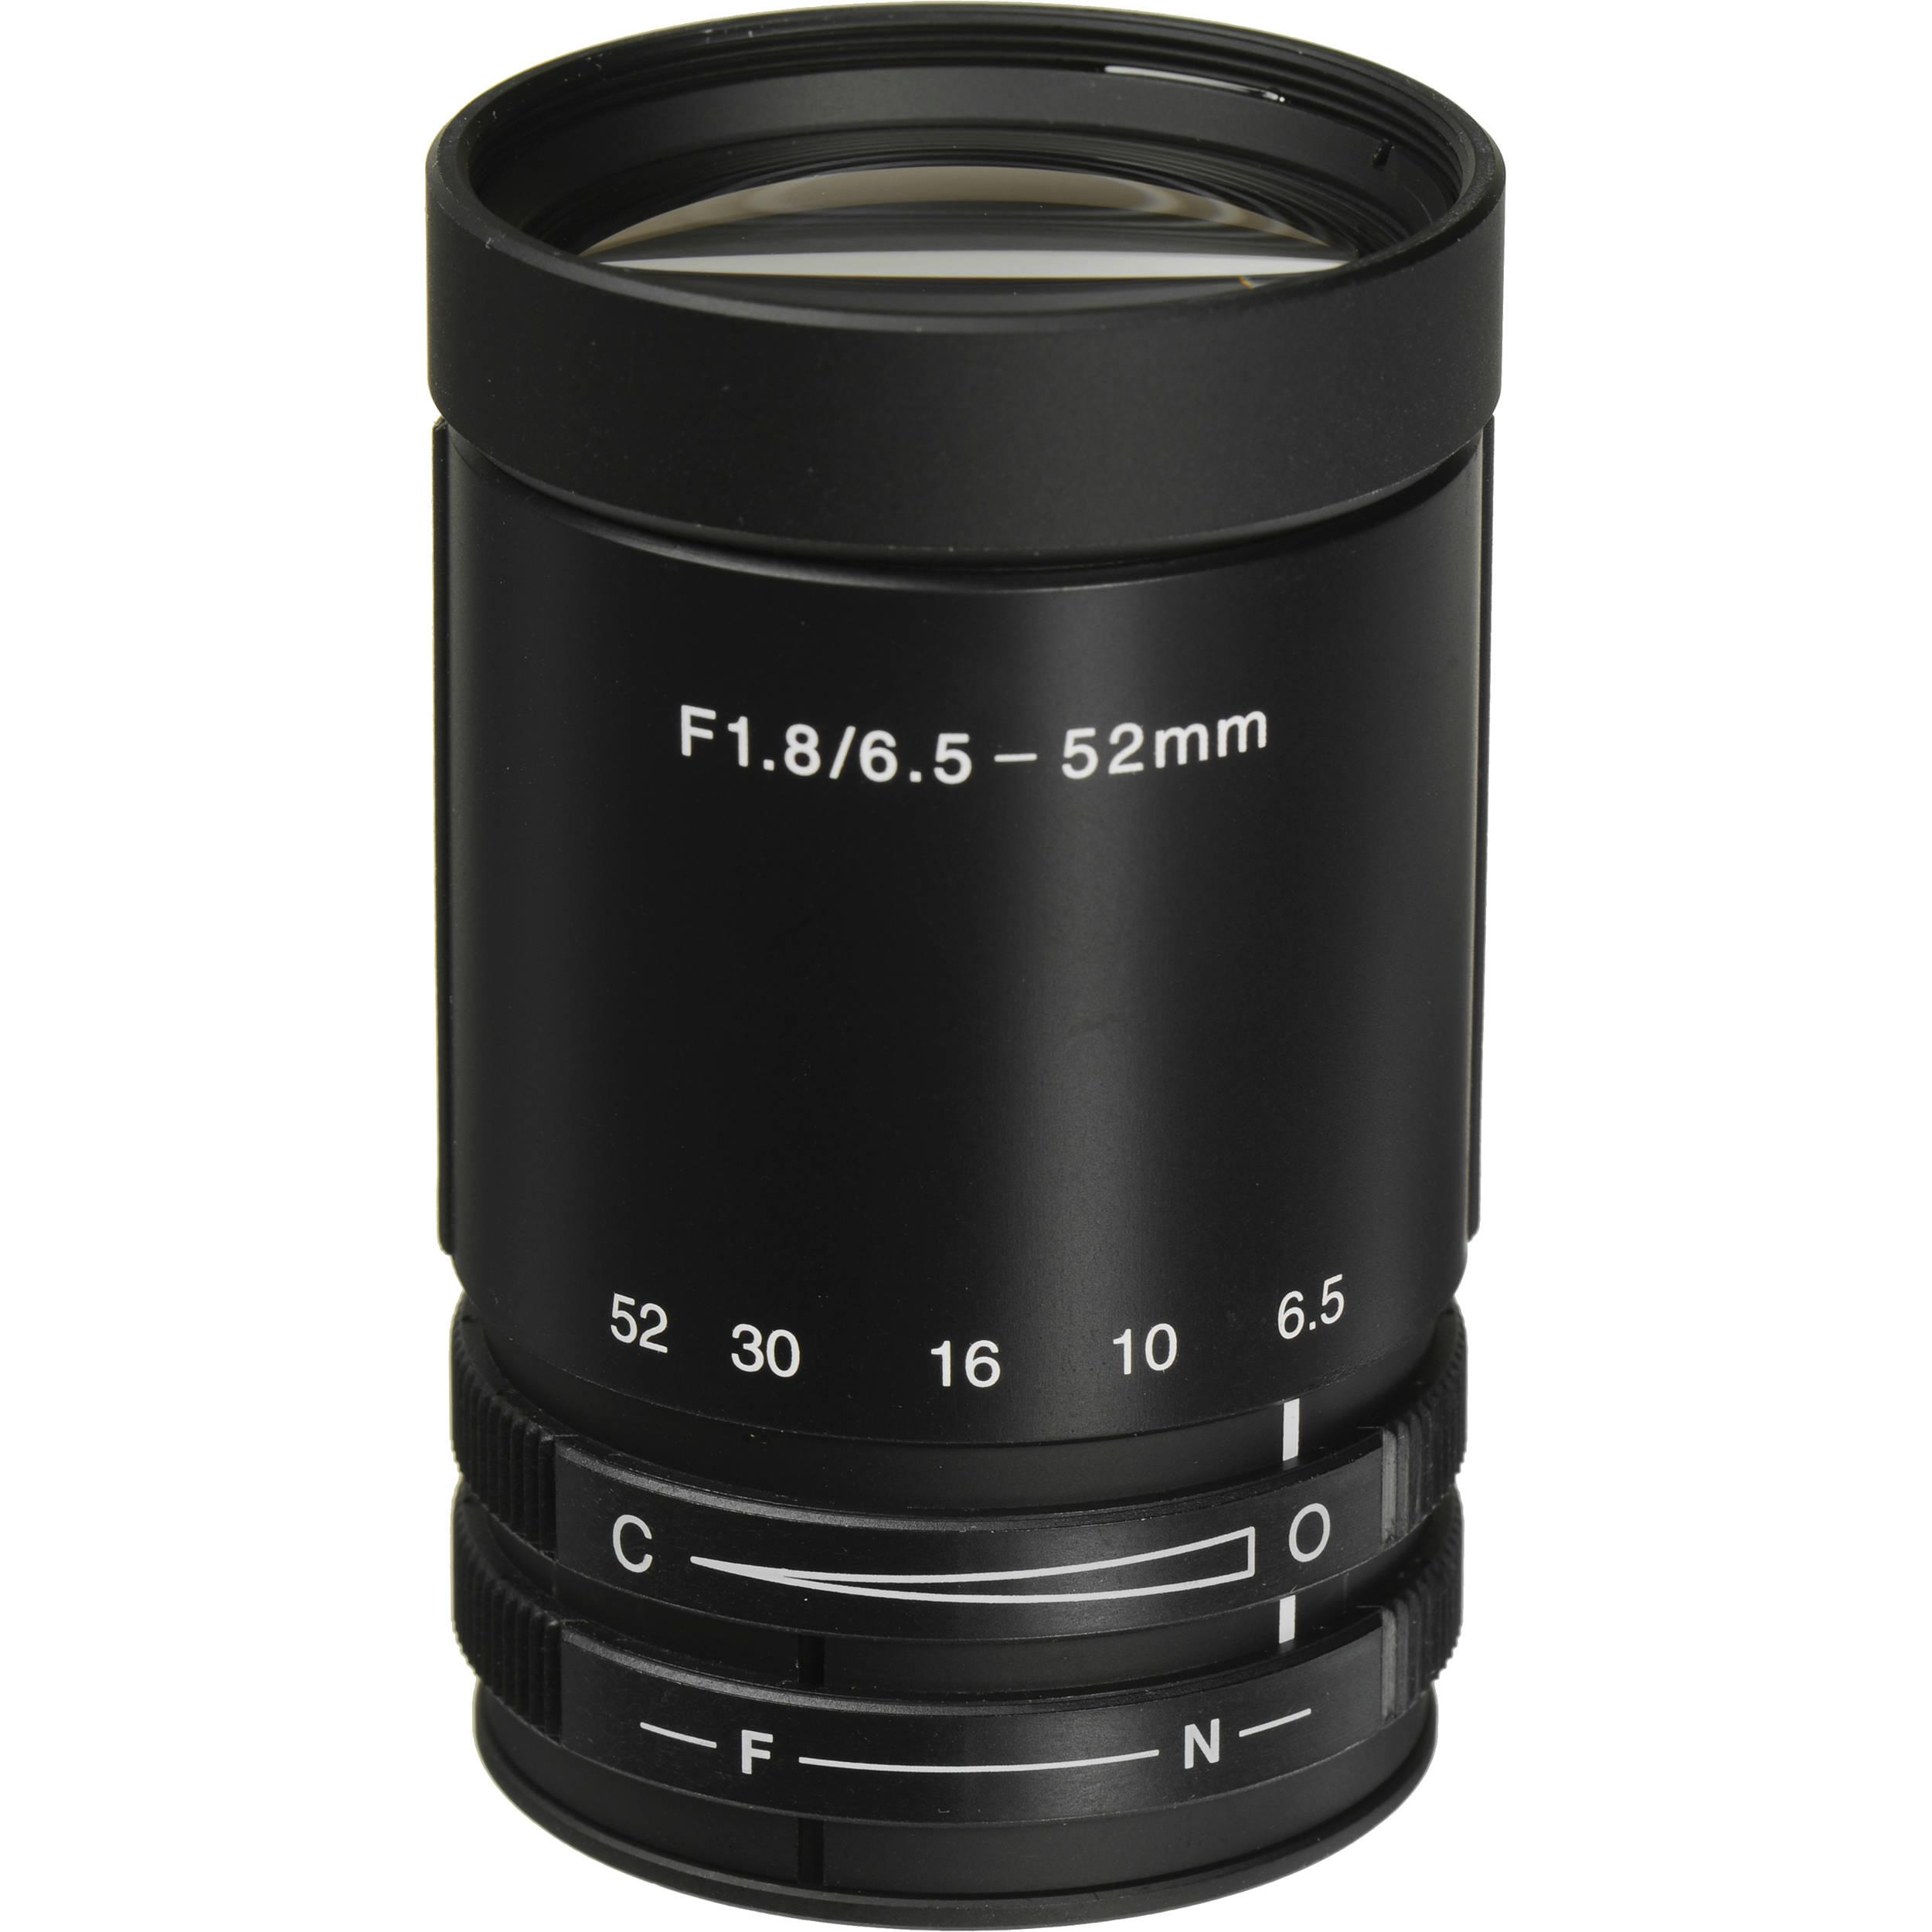 LMVZ655: Lens_2